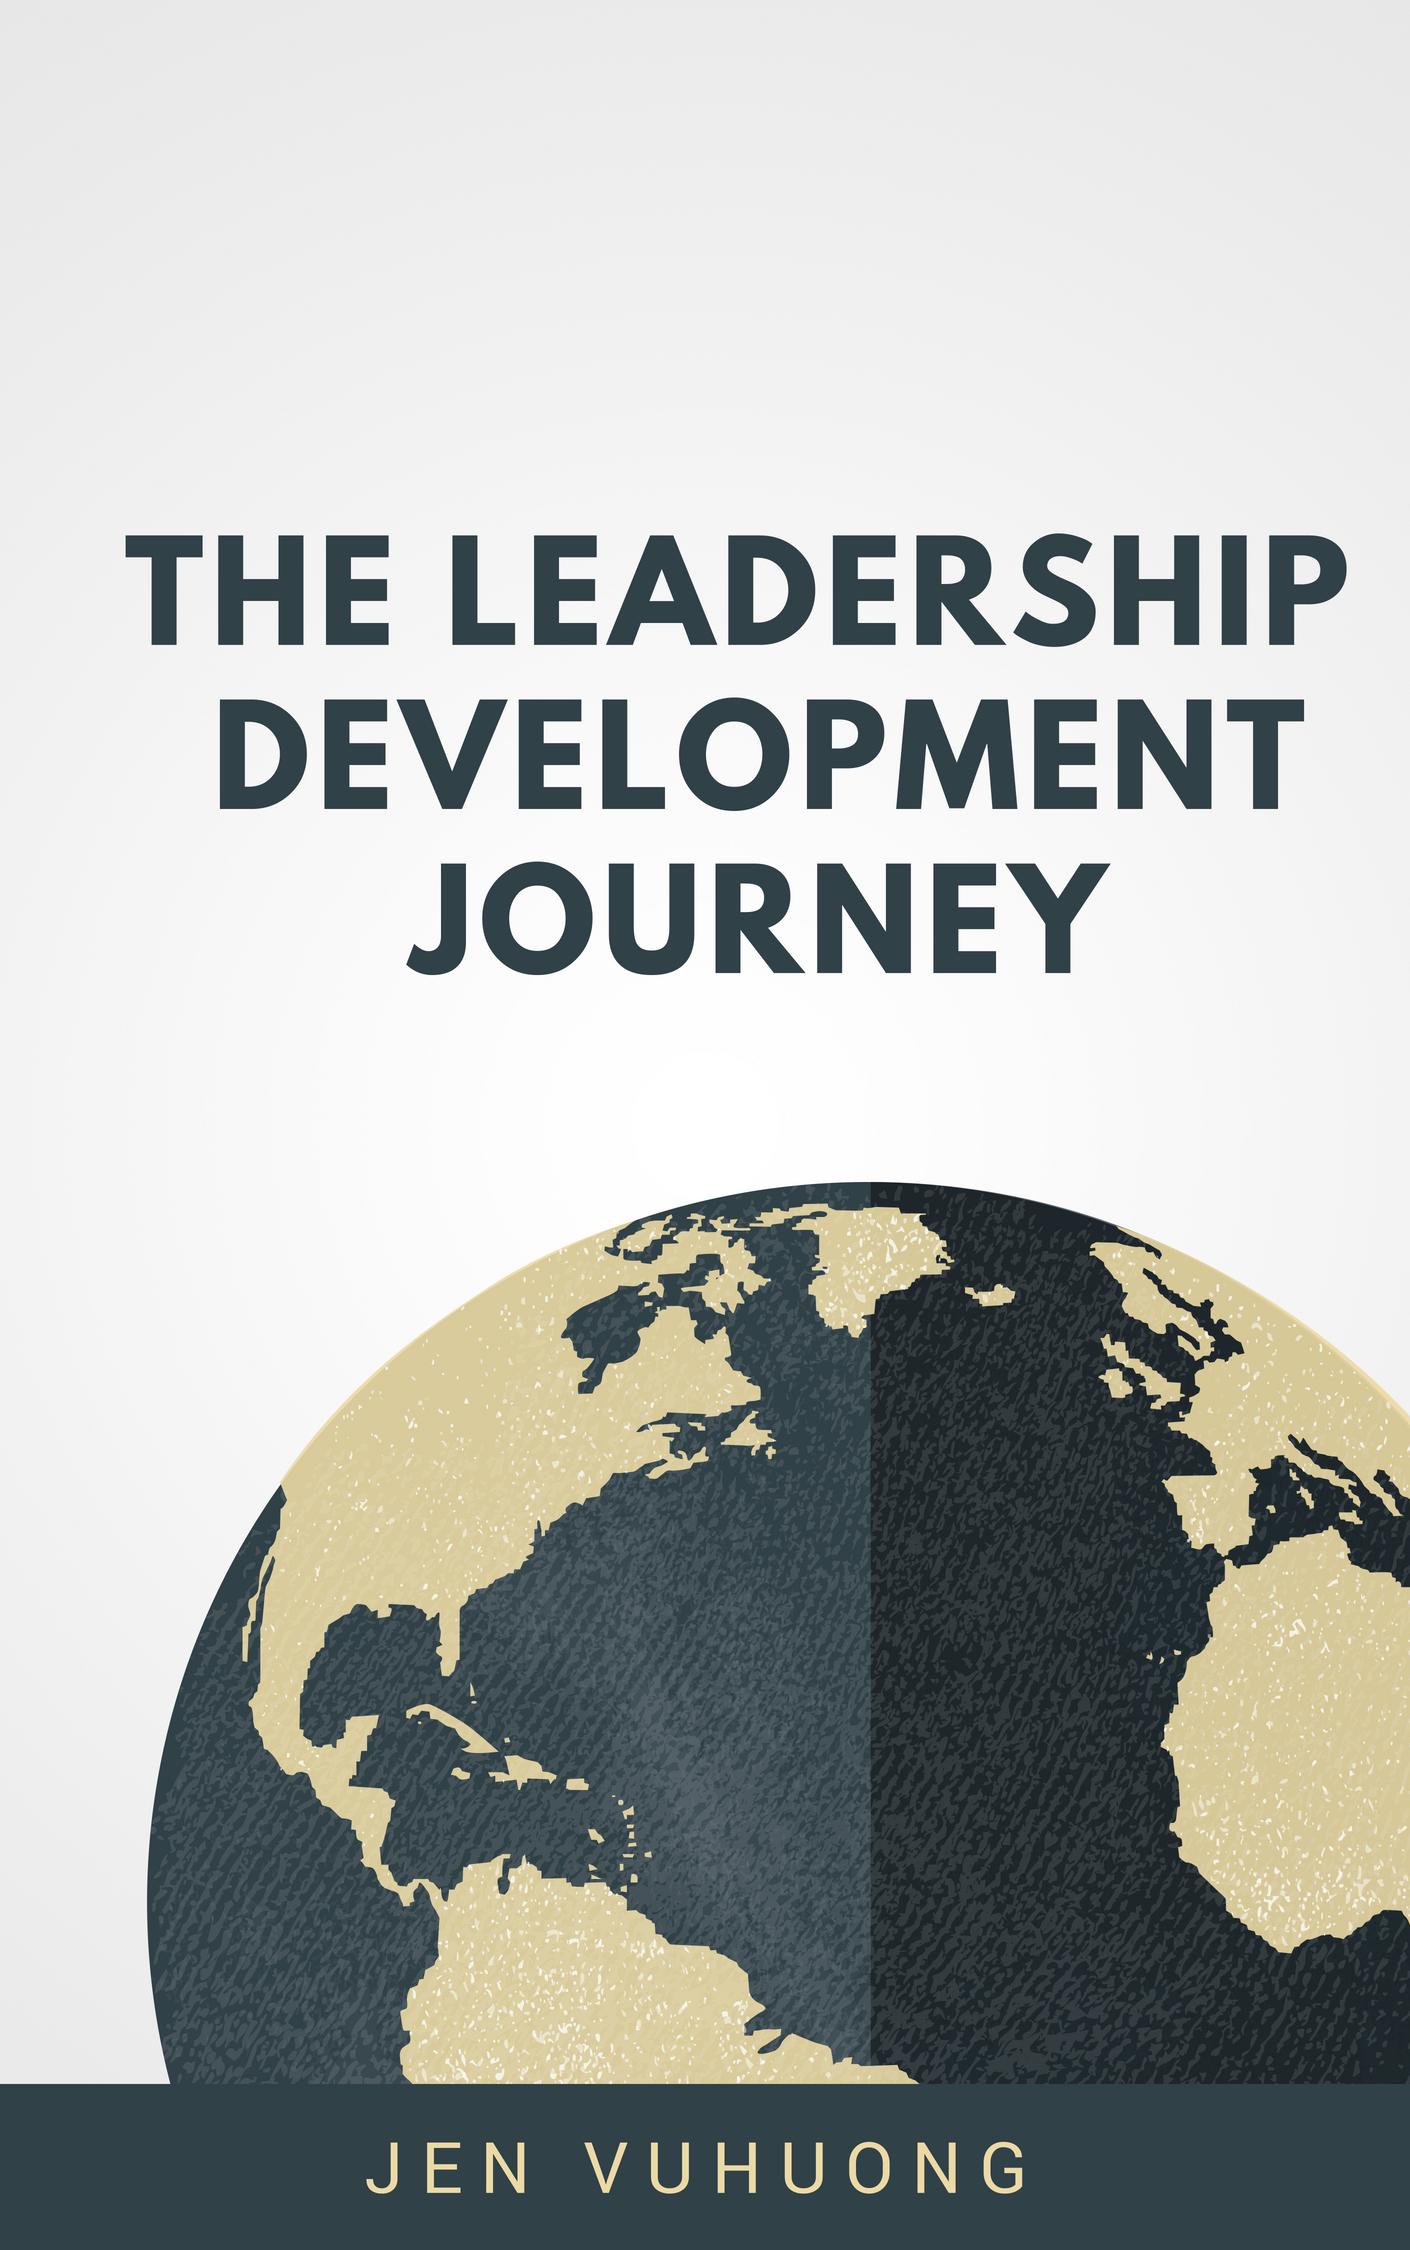 the leadership developmentjourney.jpg